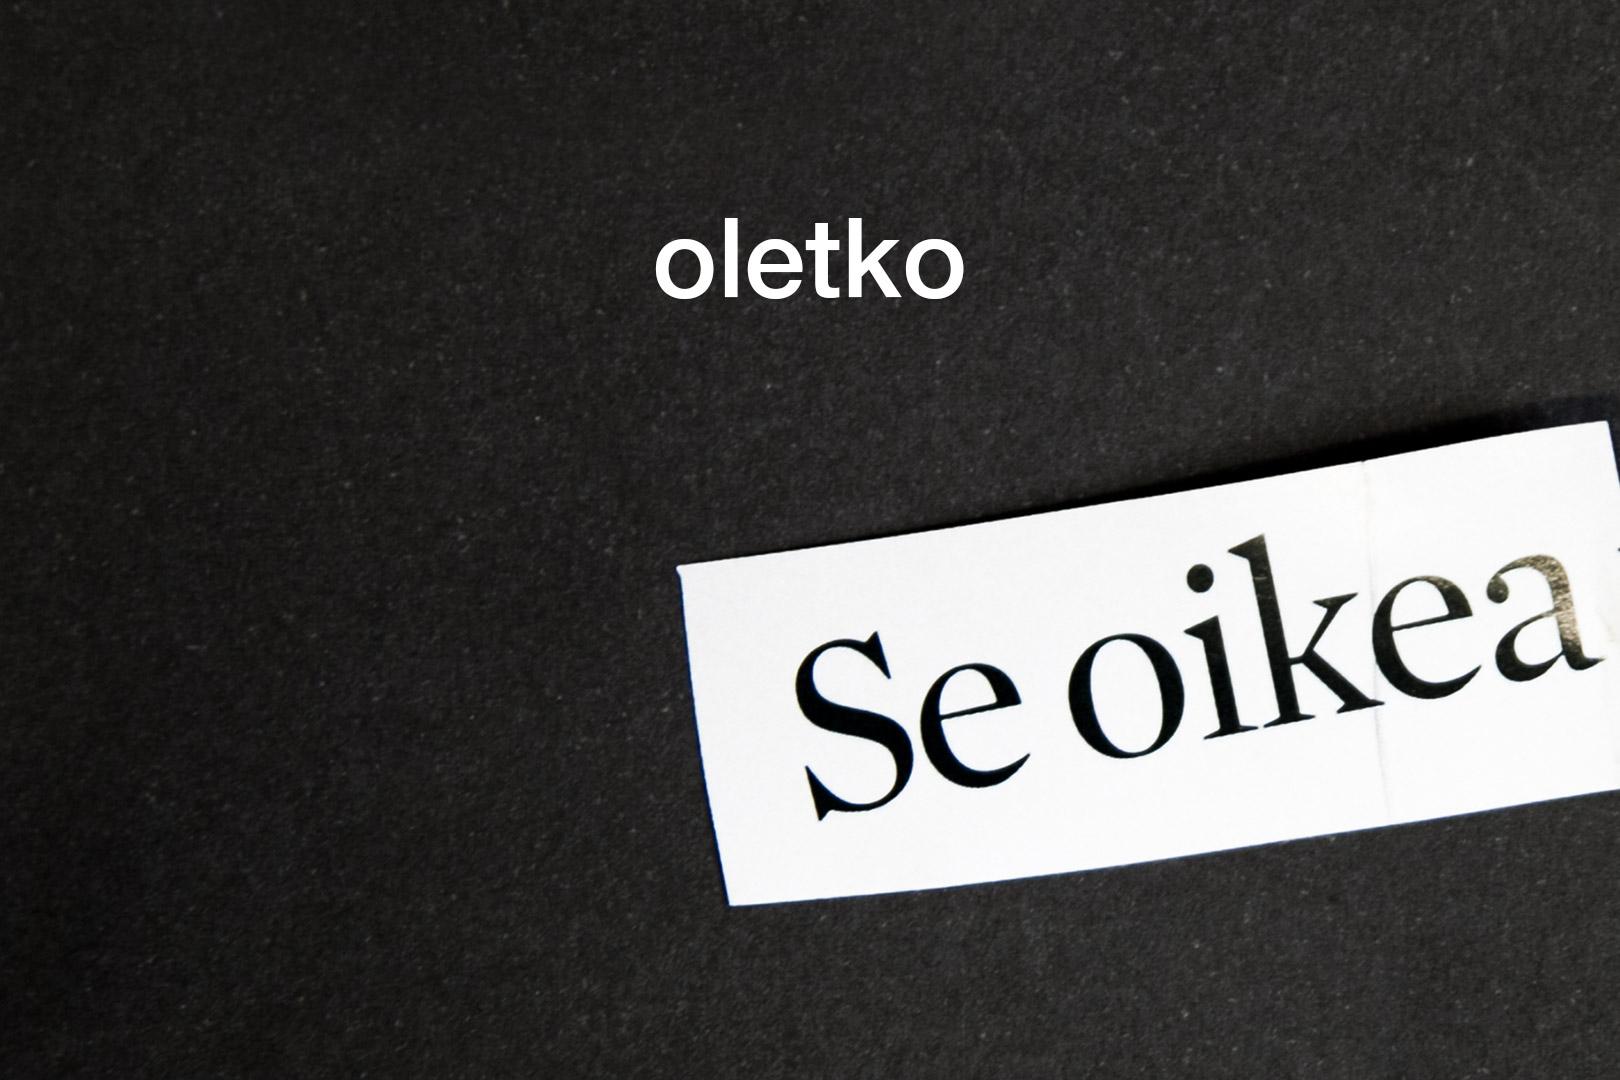 seoikea_ainoagraphicdesign